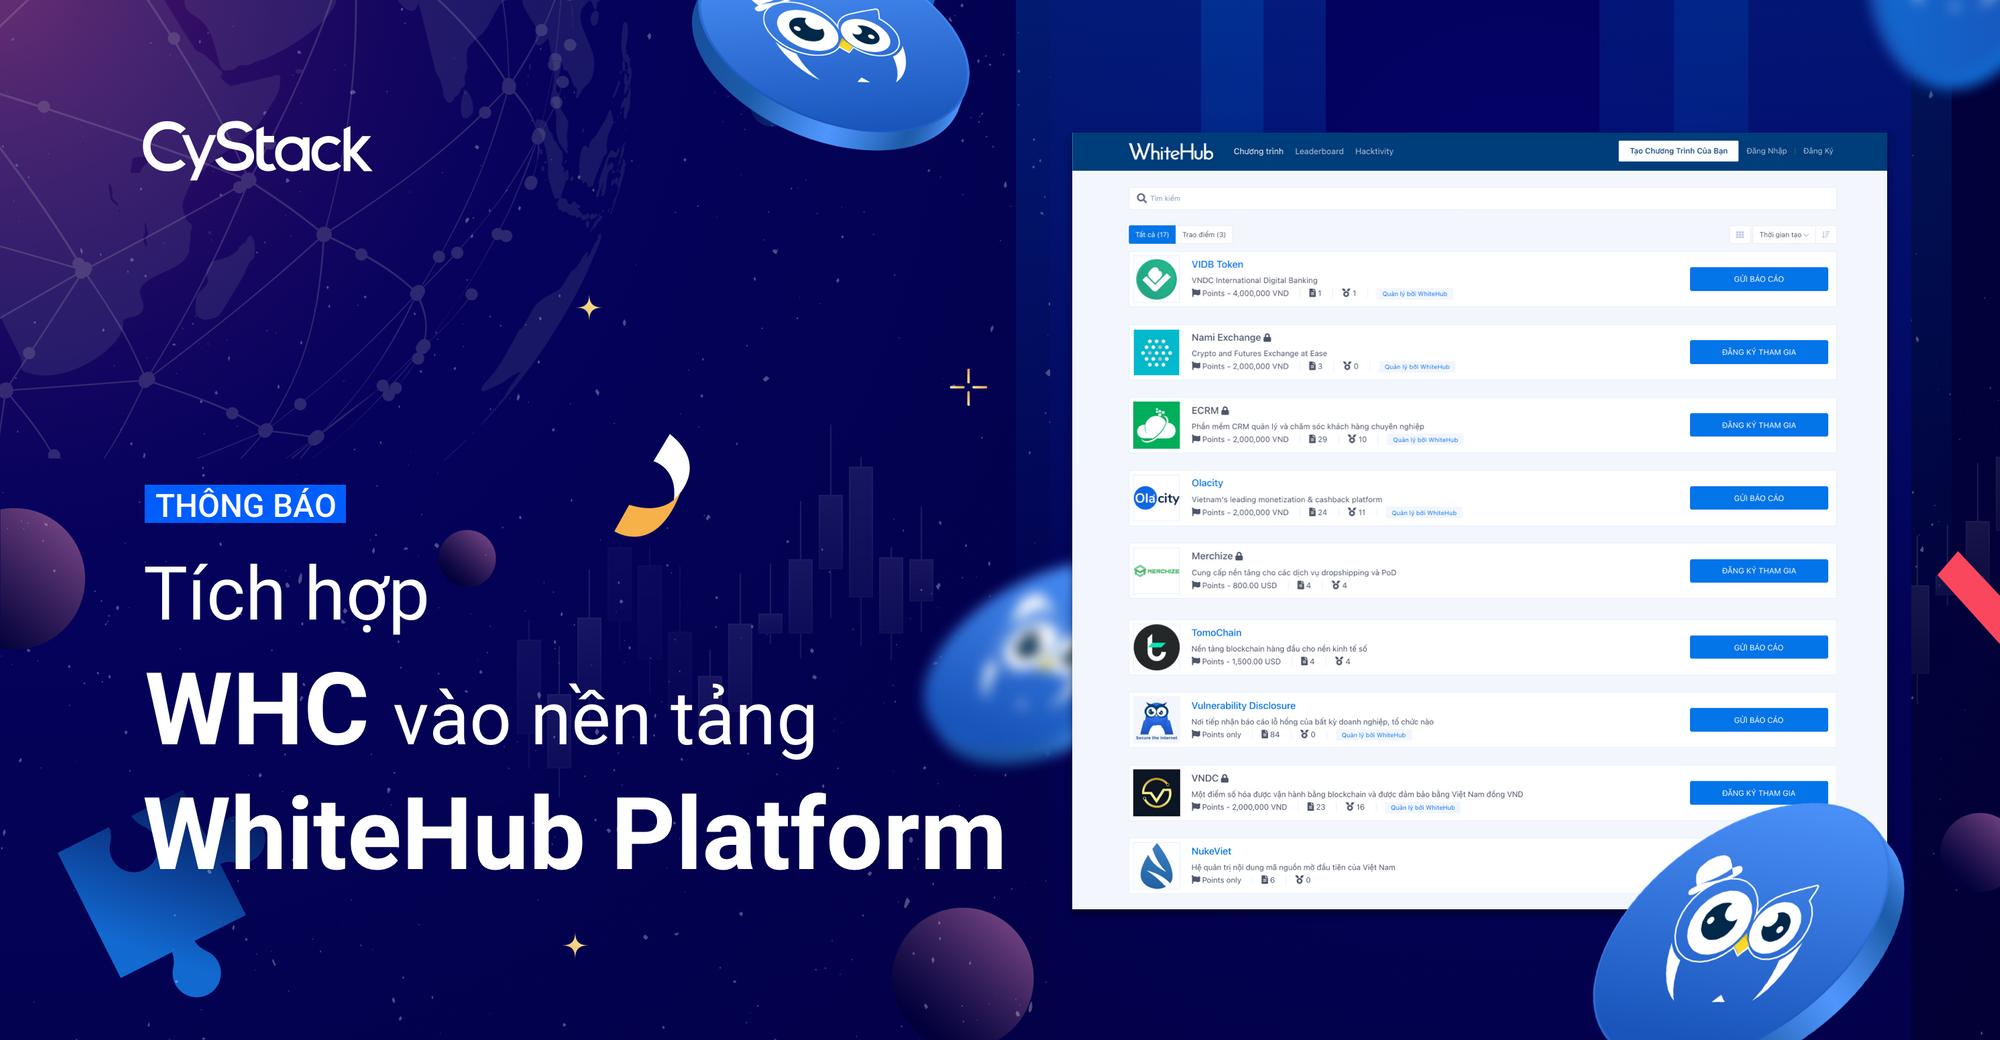 Thông báo: Tích hợp WHC vào nền tảng WhiteHub Platform